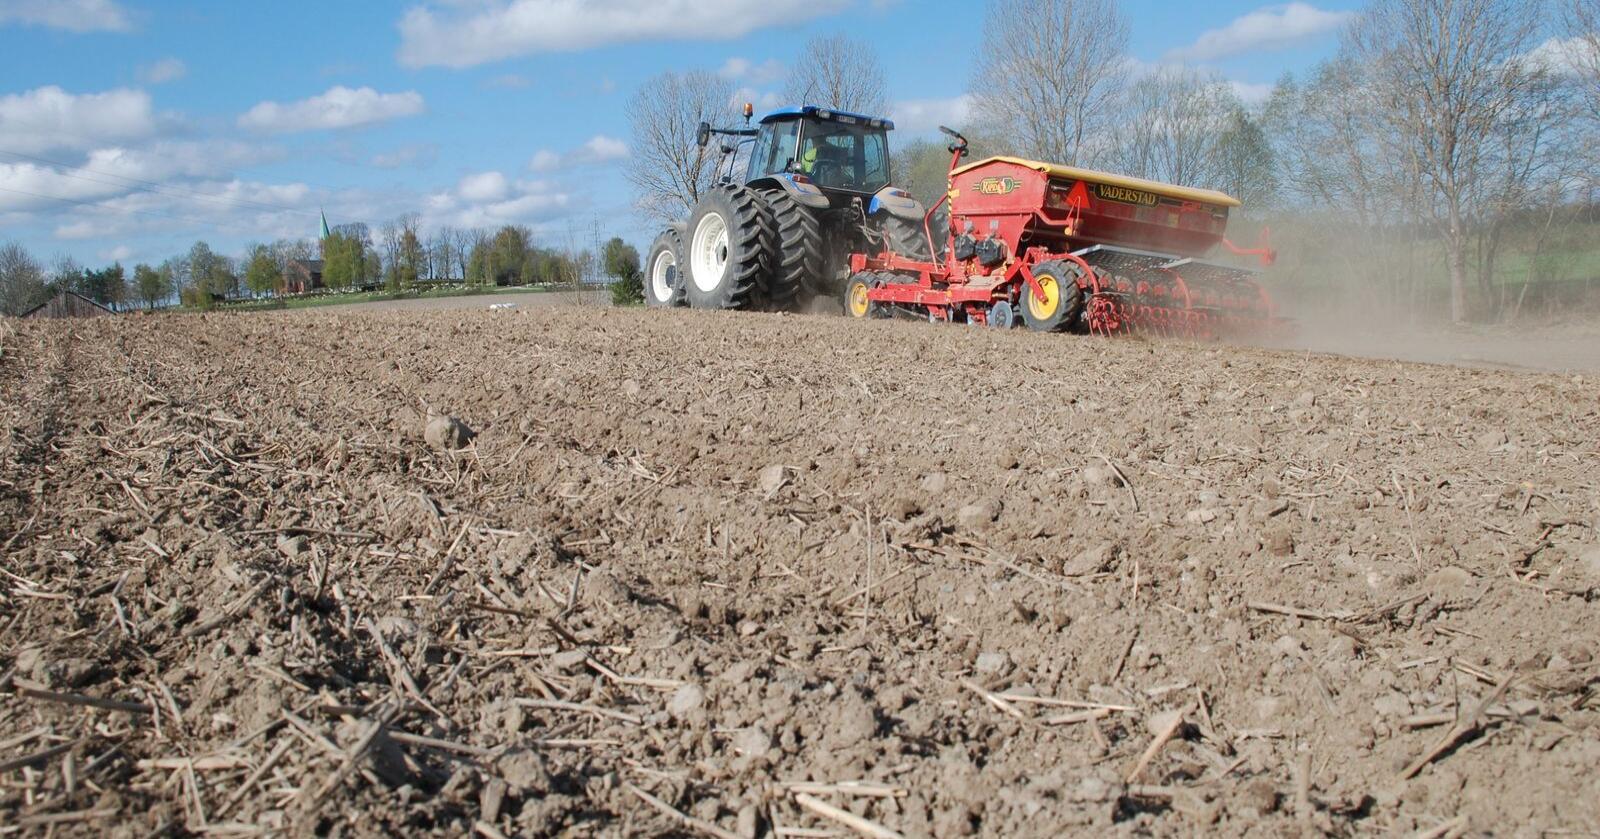 Hvete: Salget av såkorn viser at det blir et betydelig hveteareal i år, men det er et spenningsmoment hvor mye som blir av matkvalitet. (Foto: Karl Erik Berge)